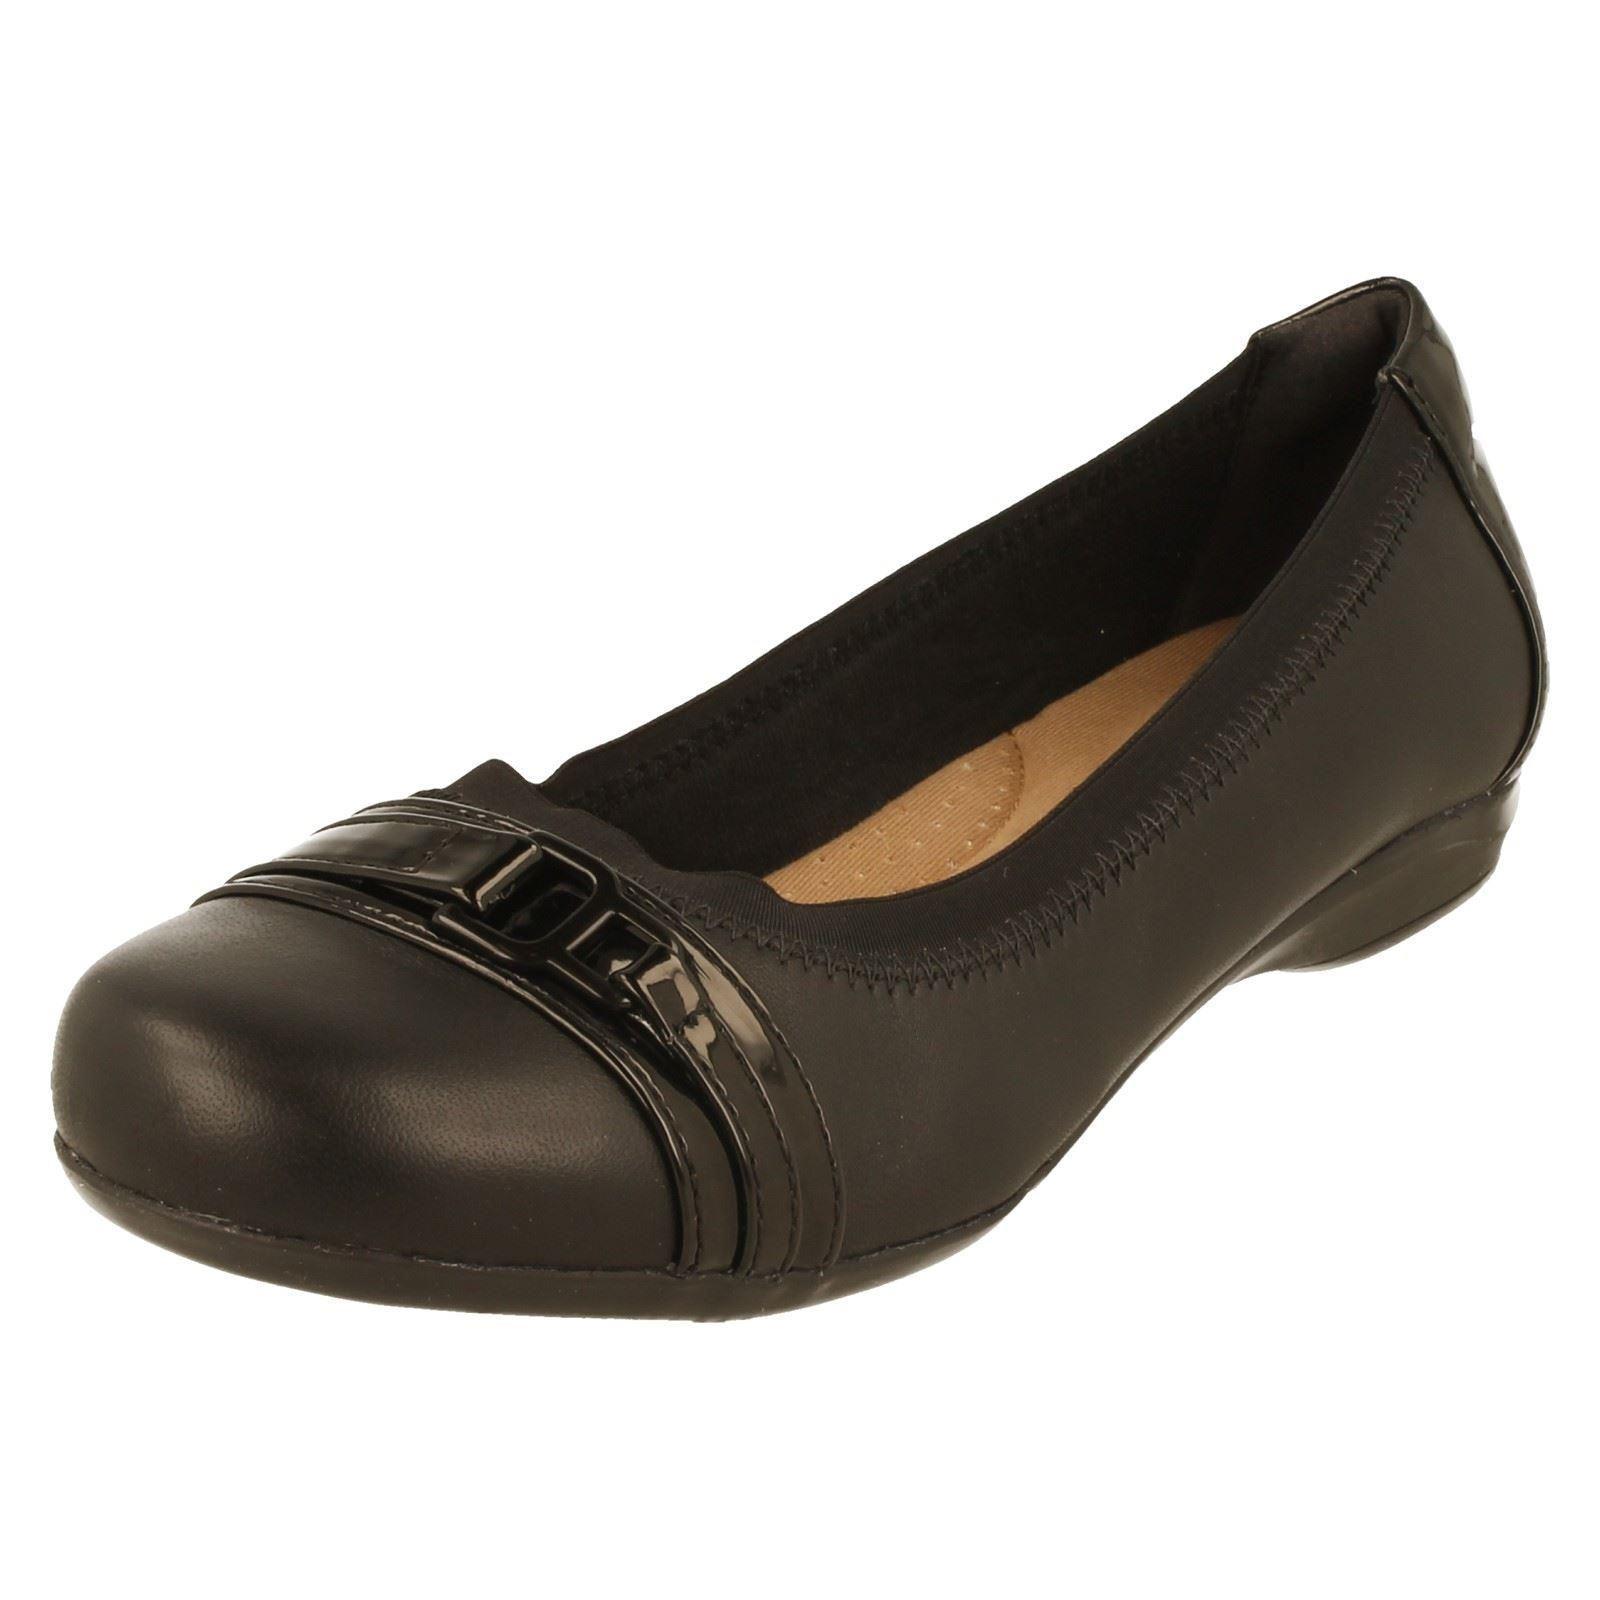 alta qualità Donna Nero Pelle Clarks Smart Casual Mocassini Scarpe Scarpe Scarpe DOLLY kinzie Luce  negozio di sconto